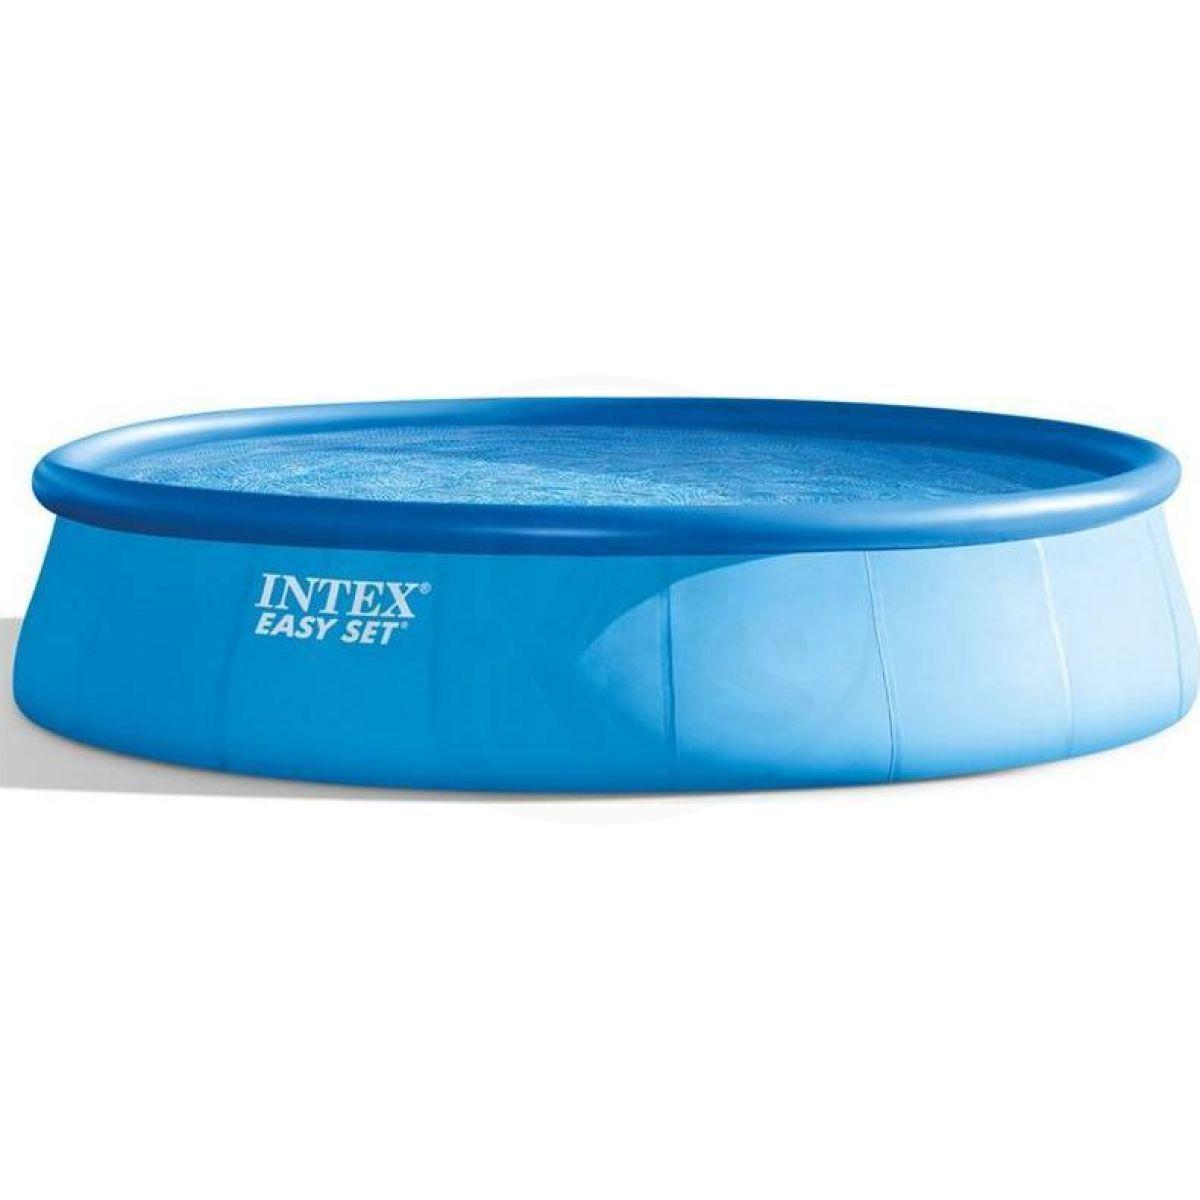 INTEX EASY SET POOL 549 x 122 cm 26176NP